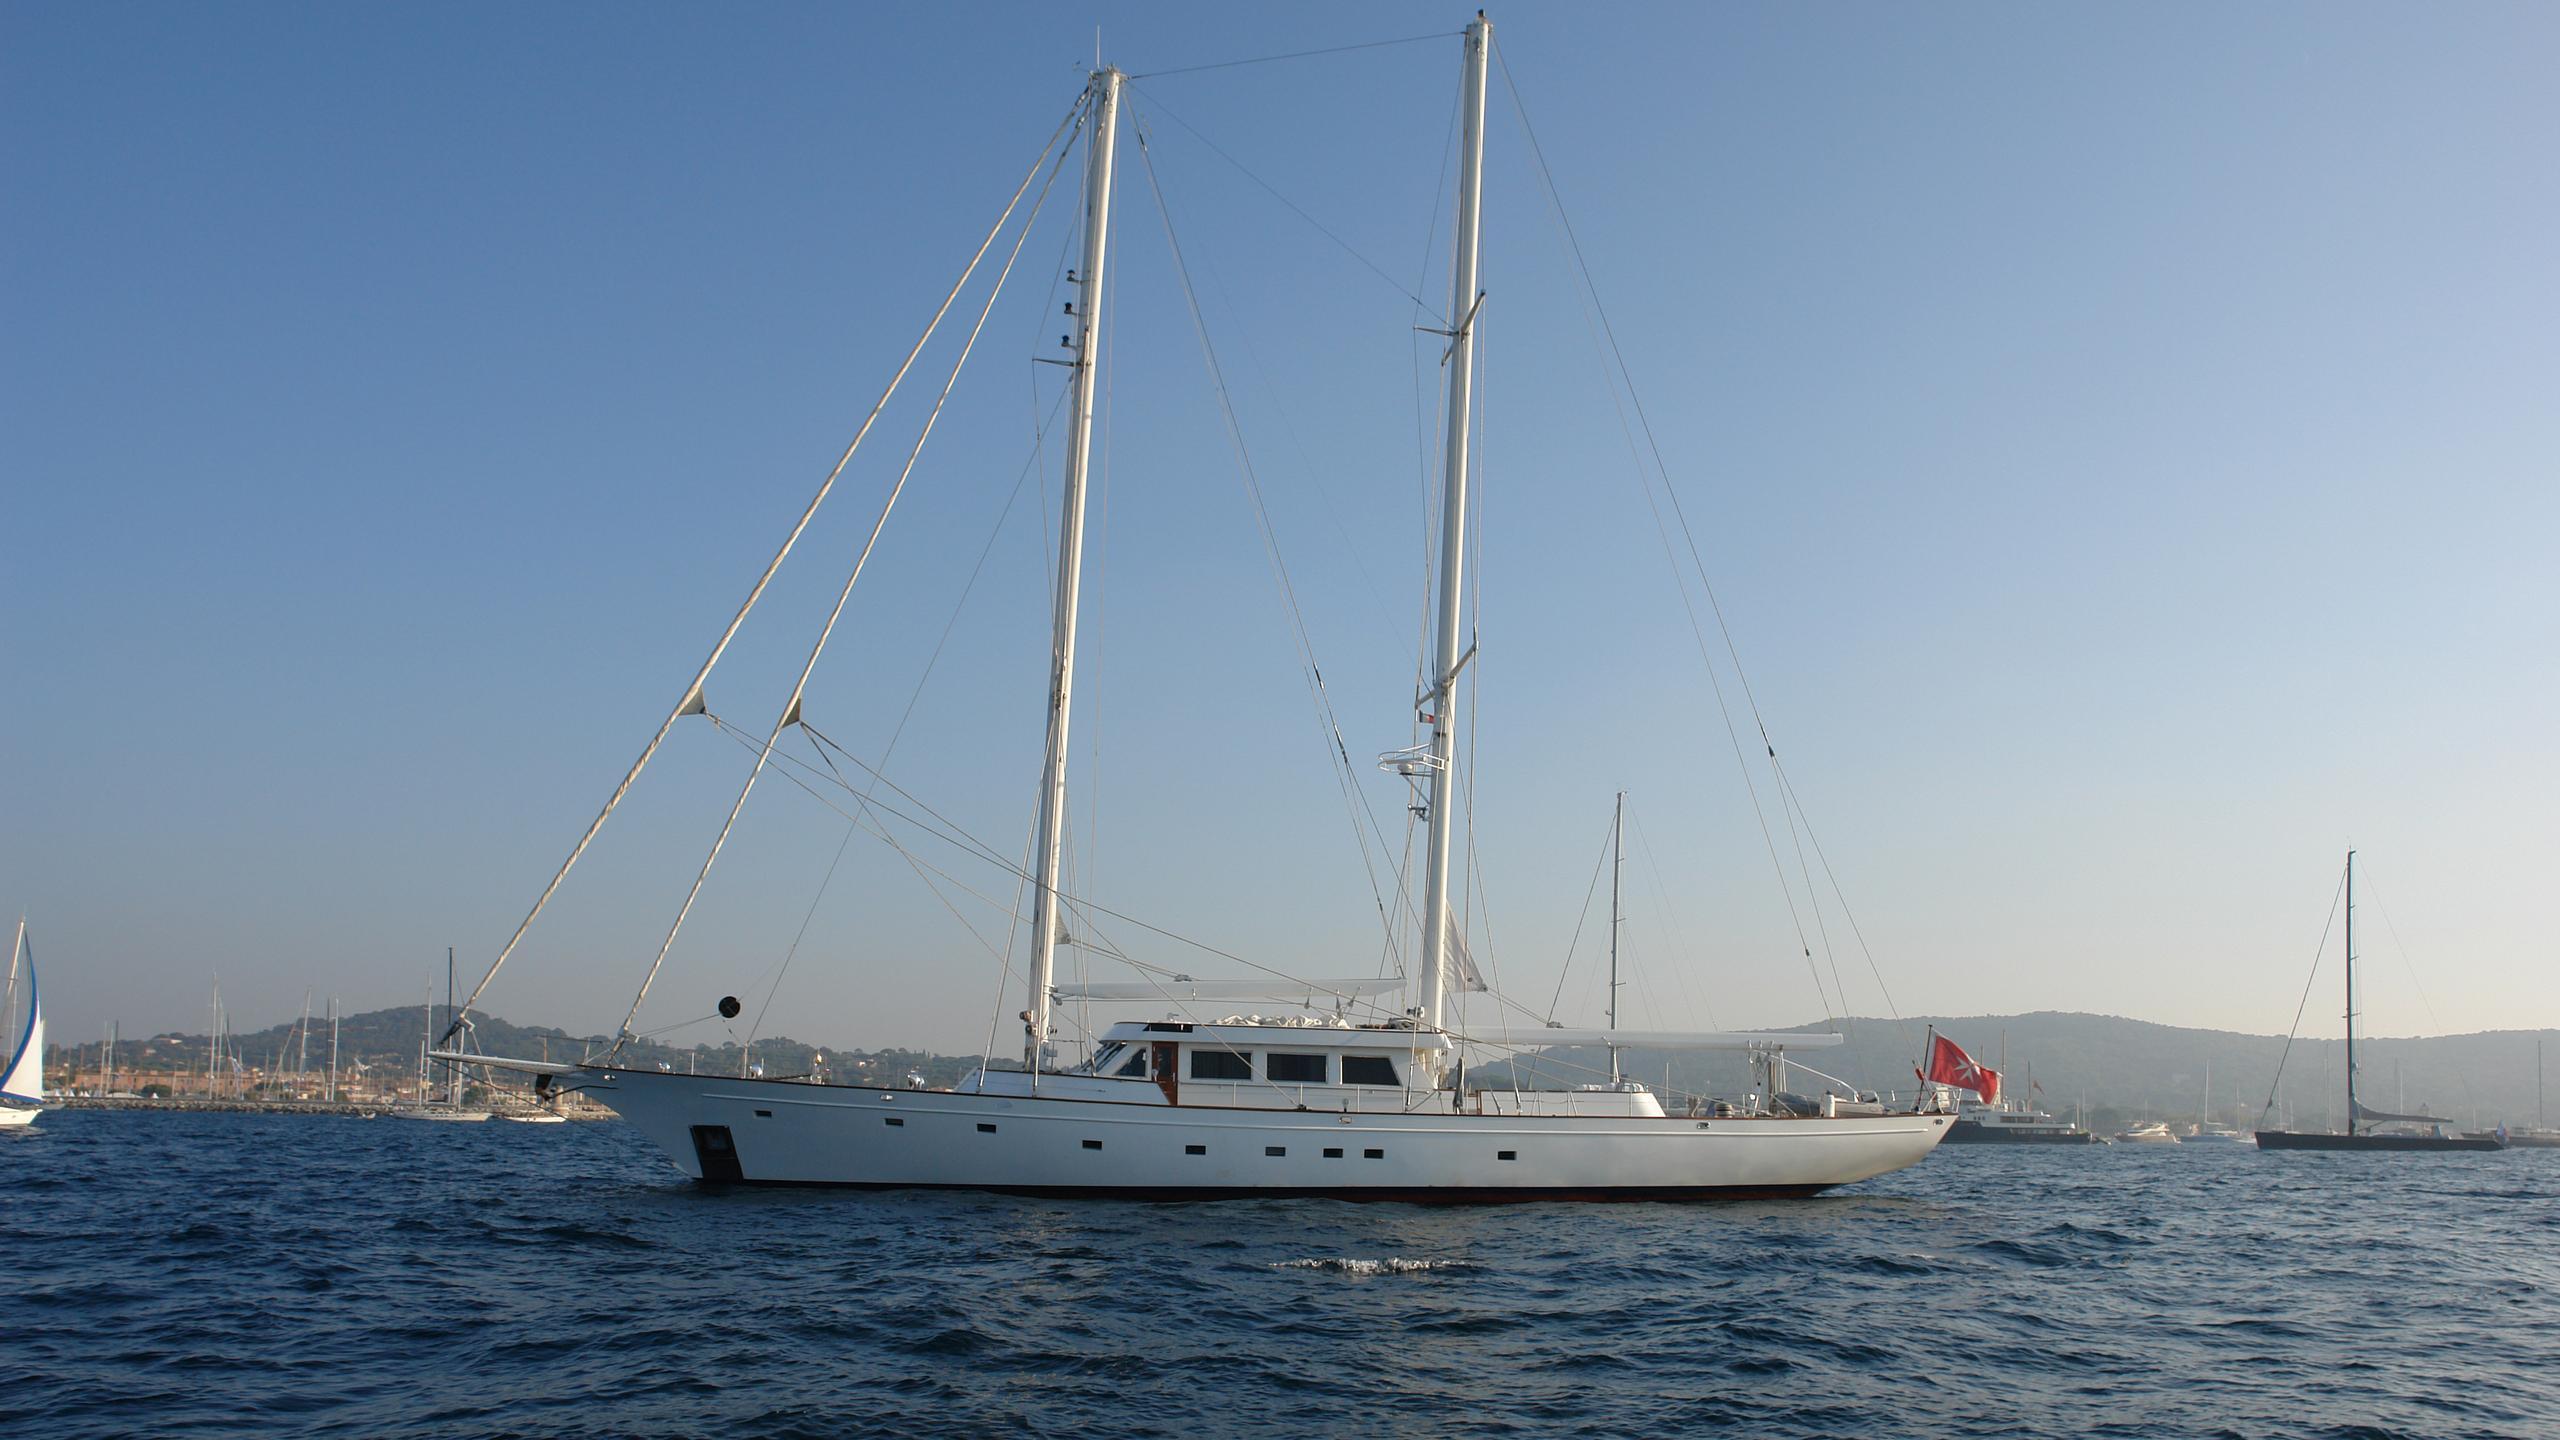 queen-nefertiti-yacht-for-sale-profile